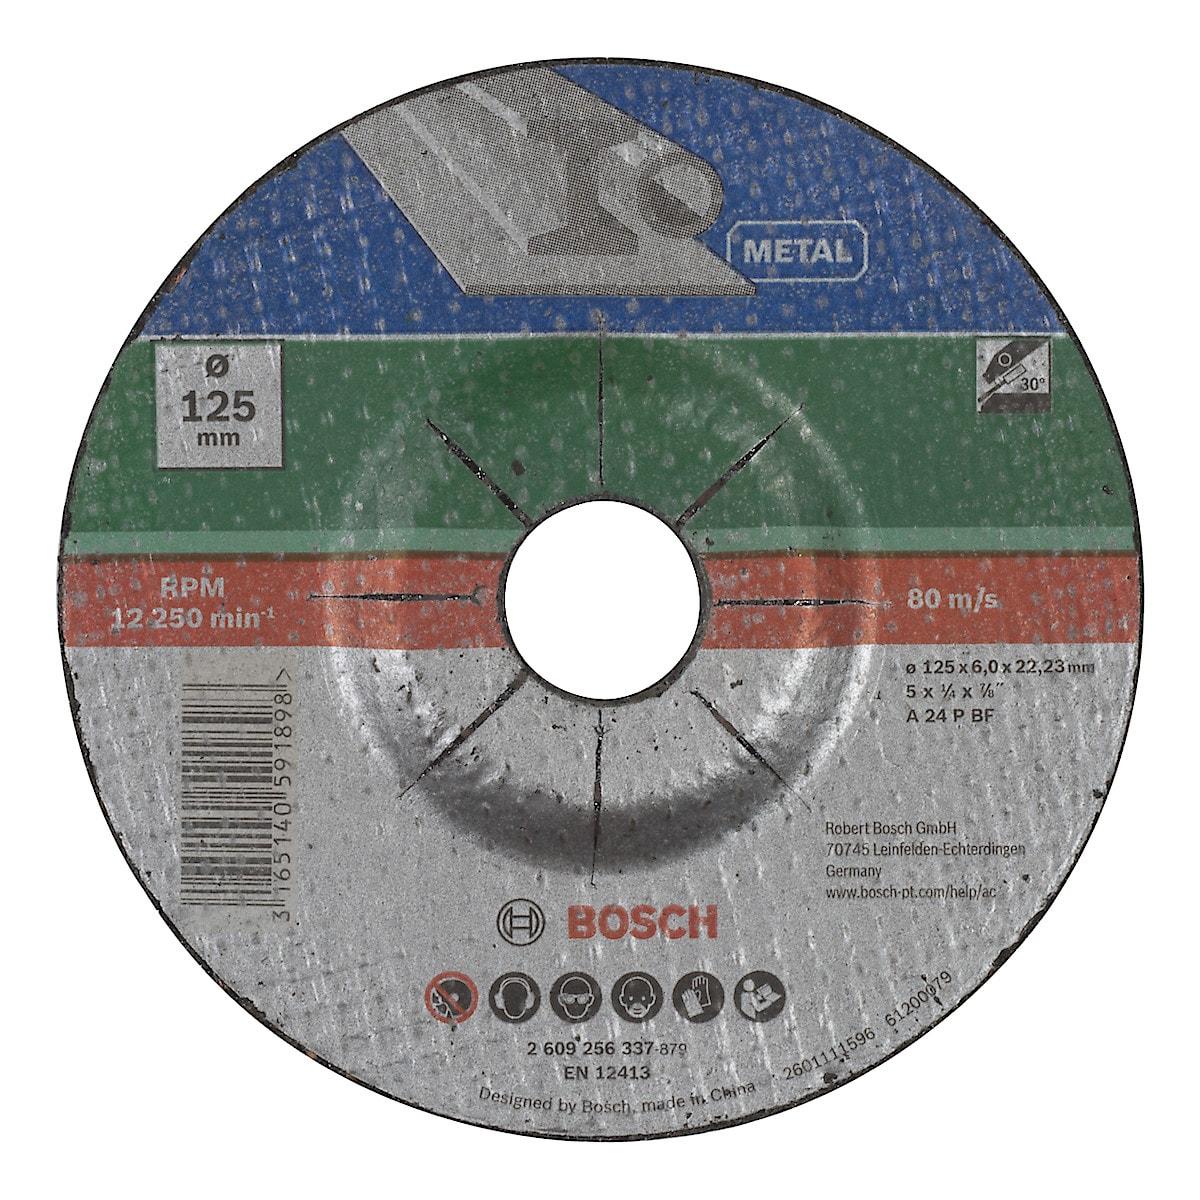 Slipskiva för metall 125 mm Bosch